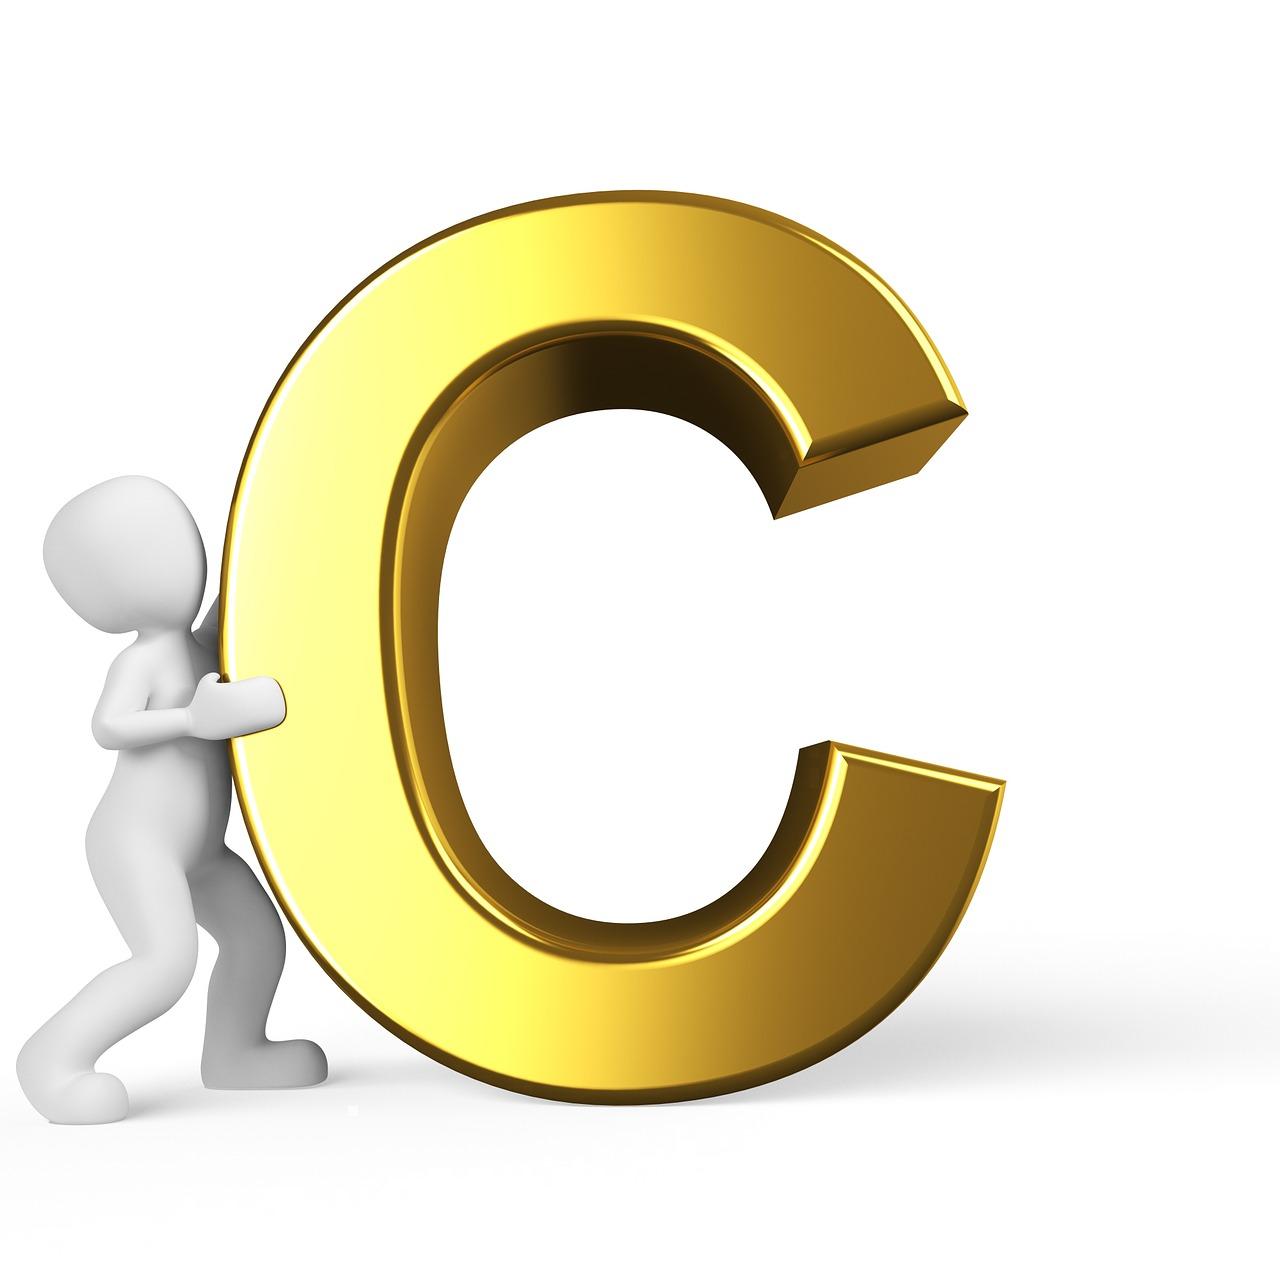 C Letter Alphabet - Free image on Pixabay